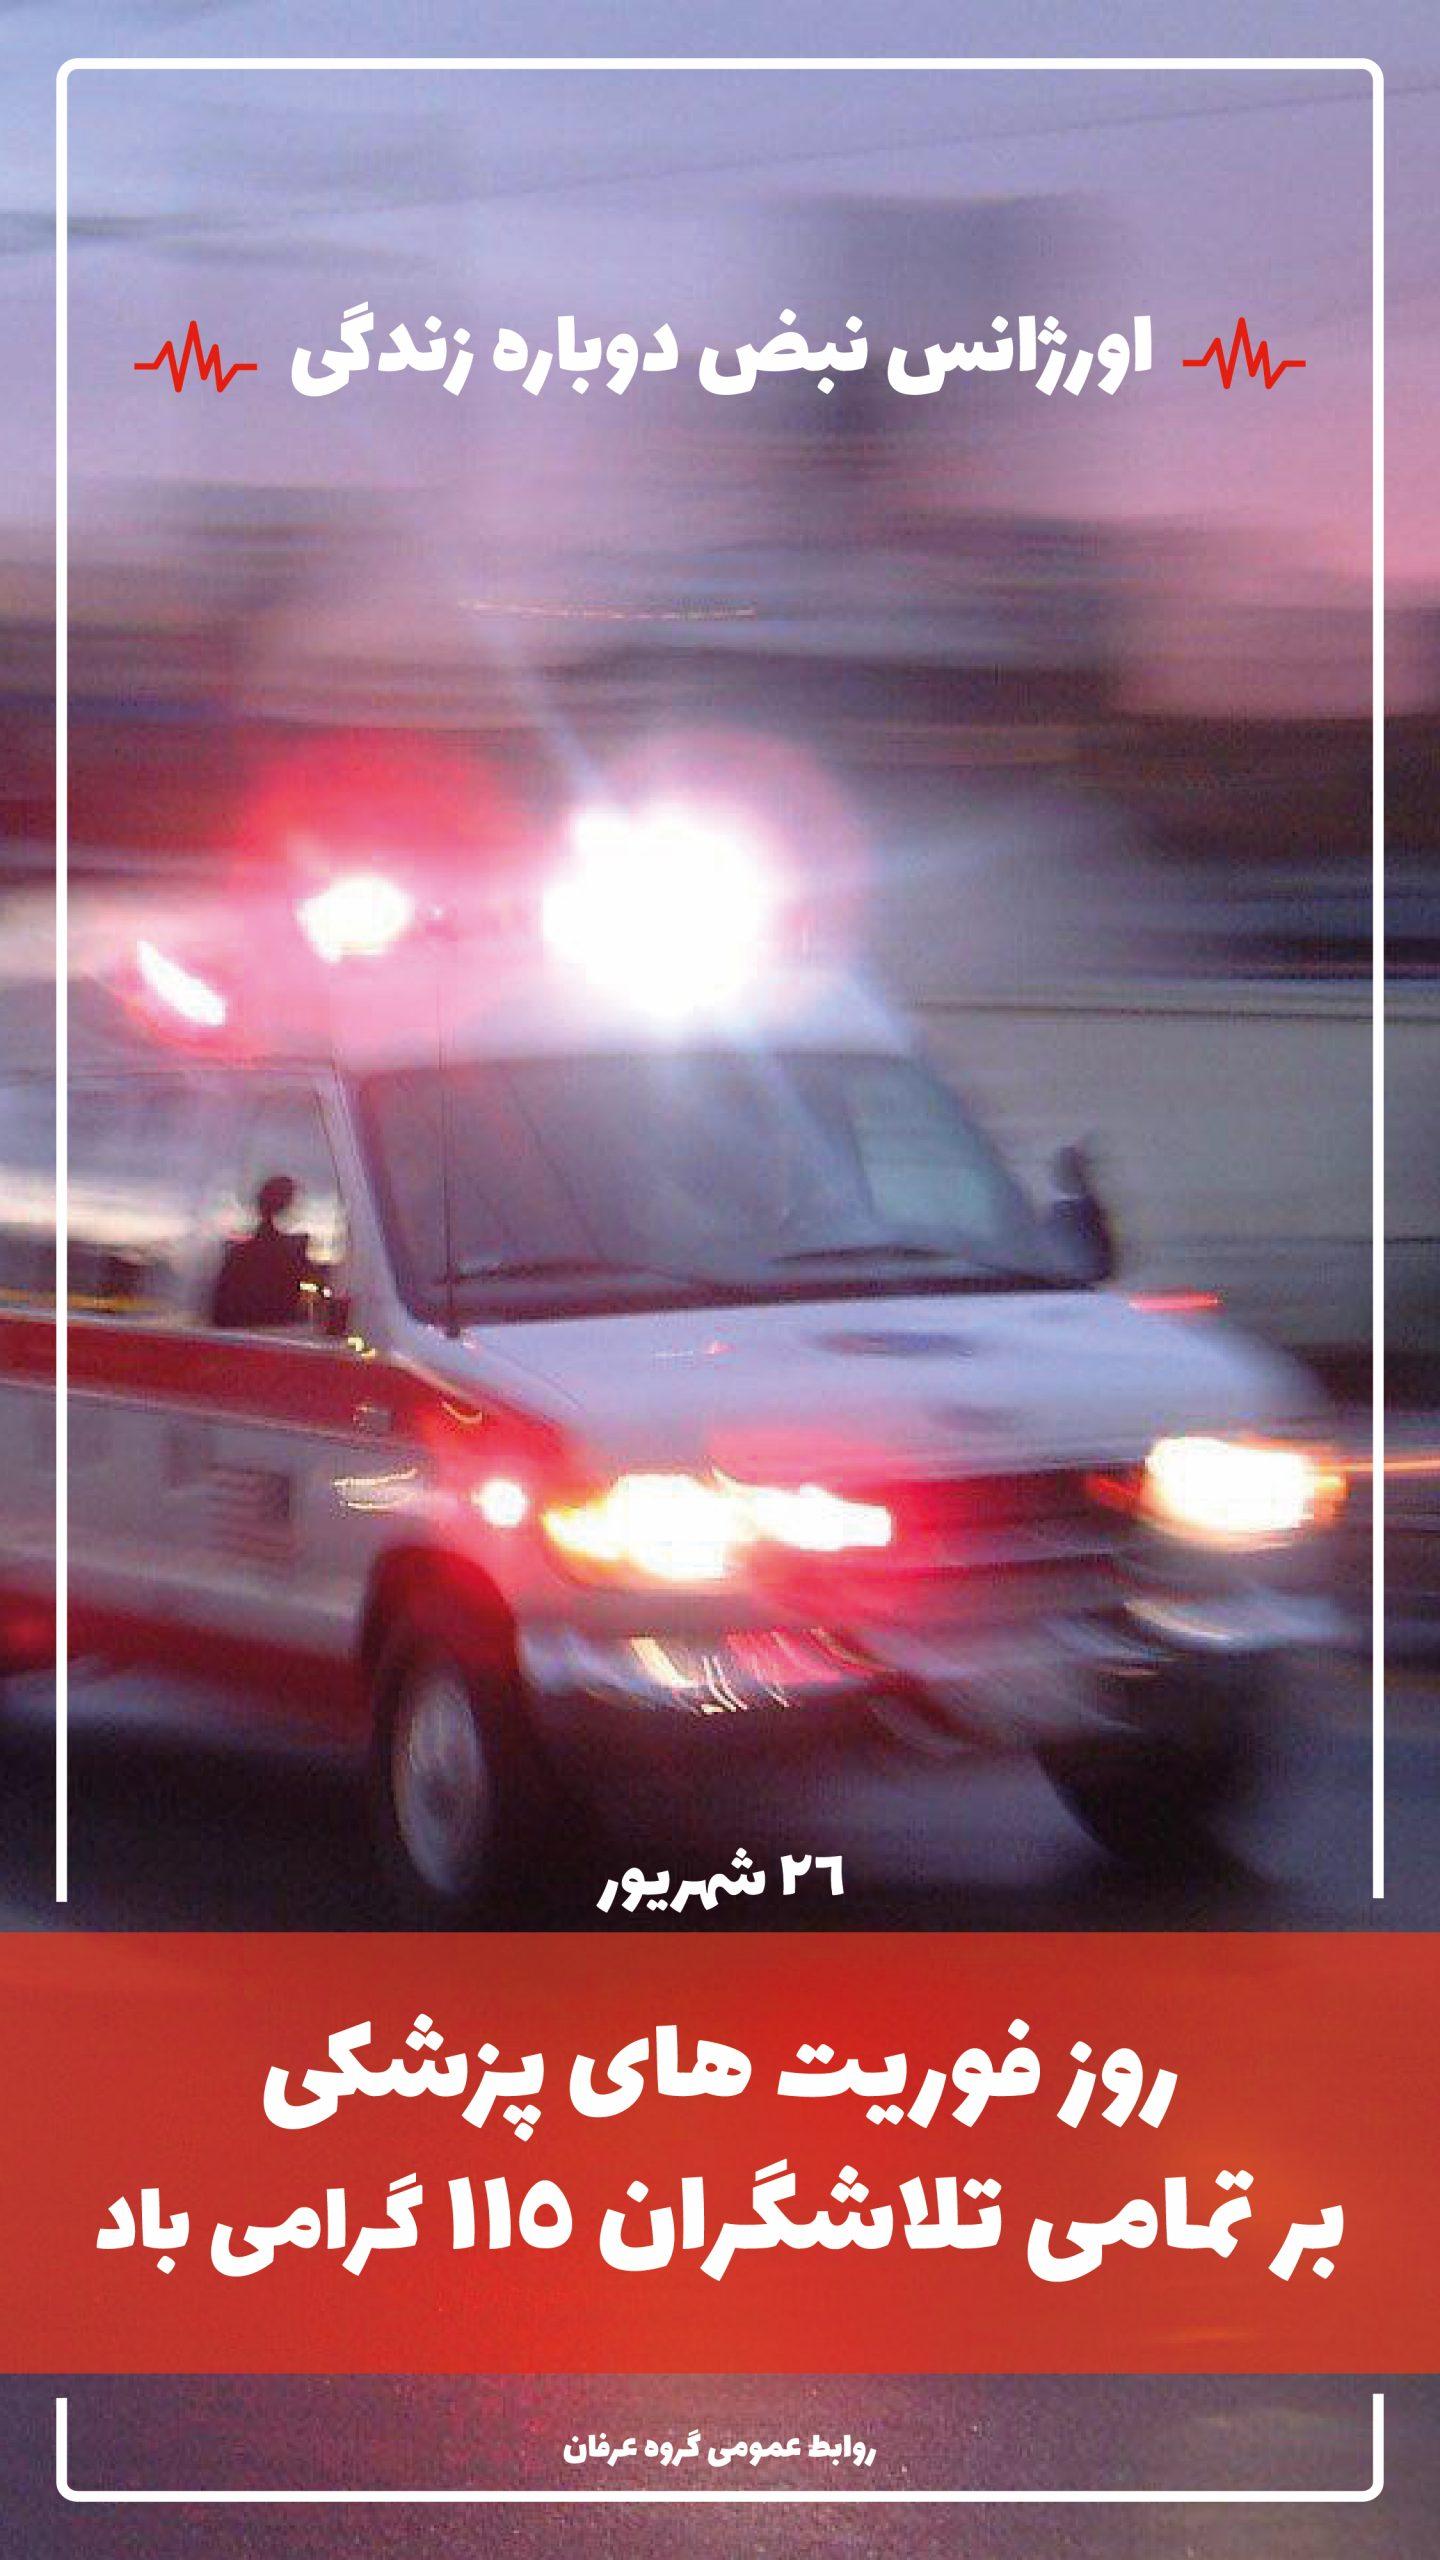 روز اورژانس و فوریت های پزشکی